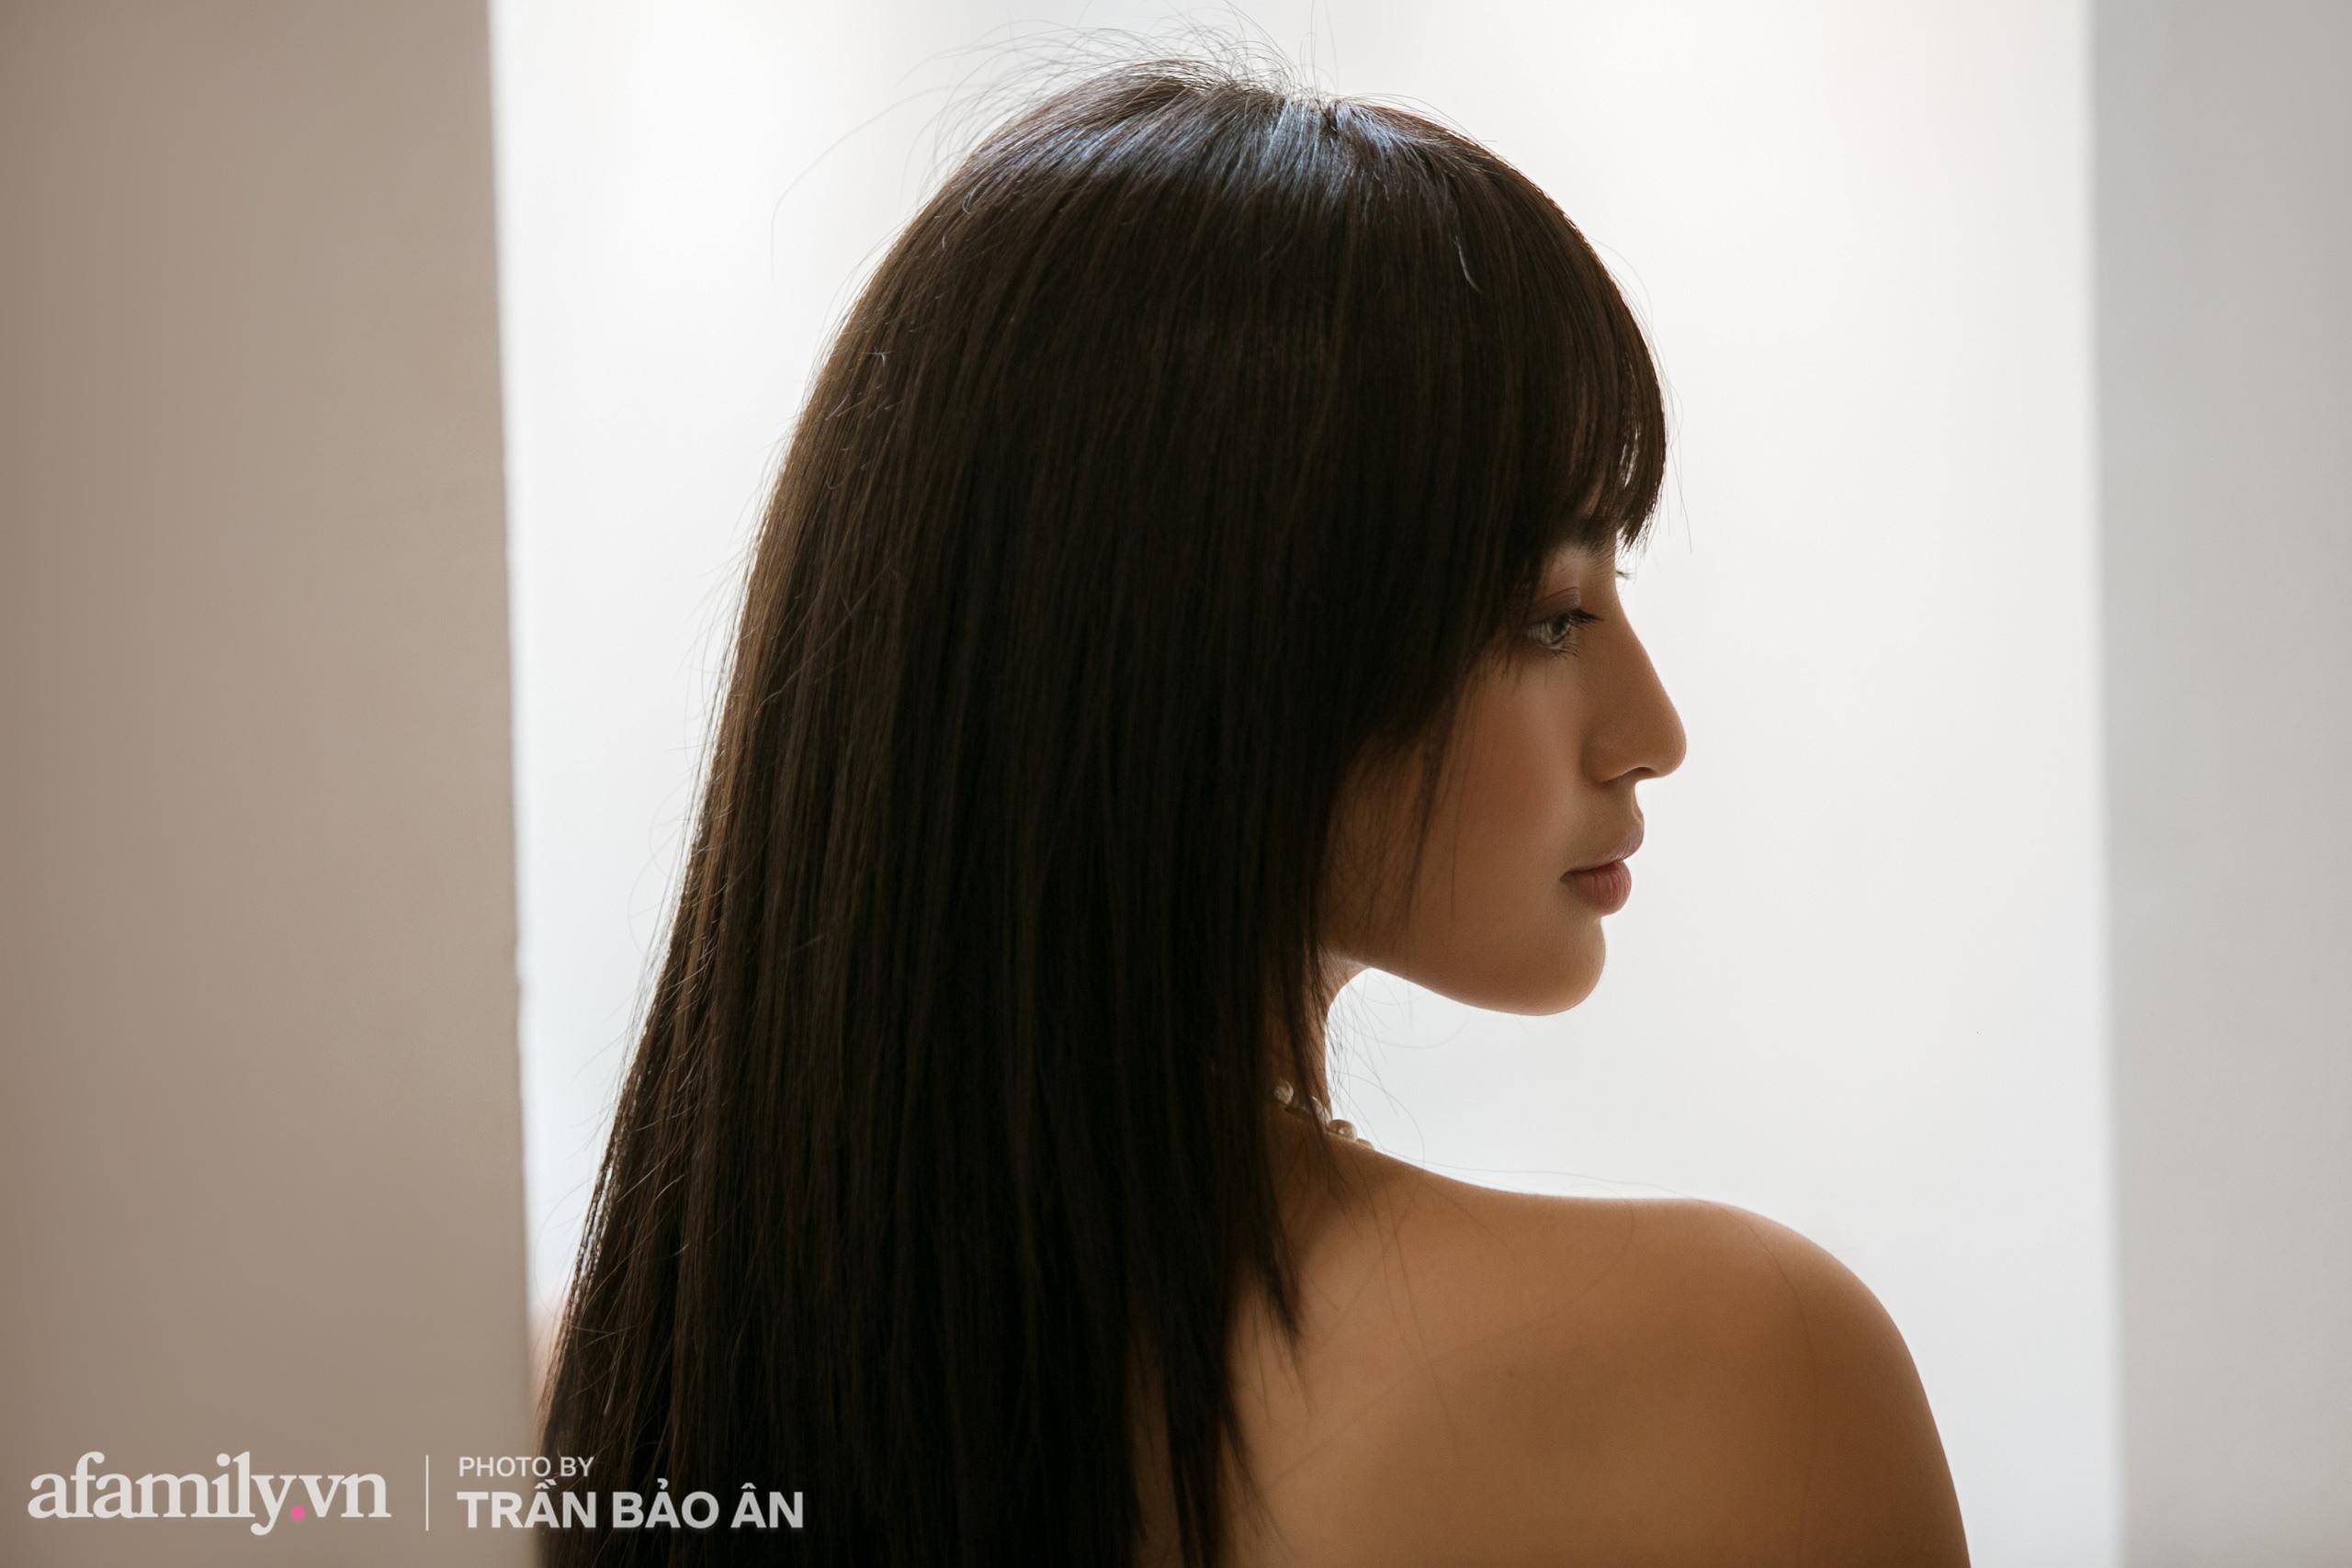 """Cô gái Việt hiếm hoi lọt top 100 gương mặt đẹp nhất thế giới kể hành trình từ một thợ trang điểm đến """"ngọc nữ"""" mới của showbiz Việt - Ảnh 5."""